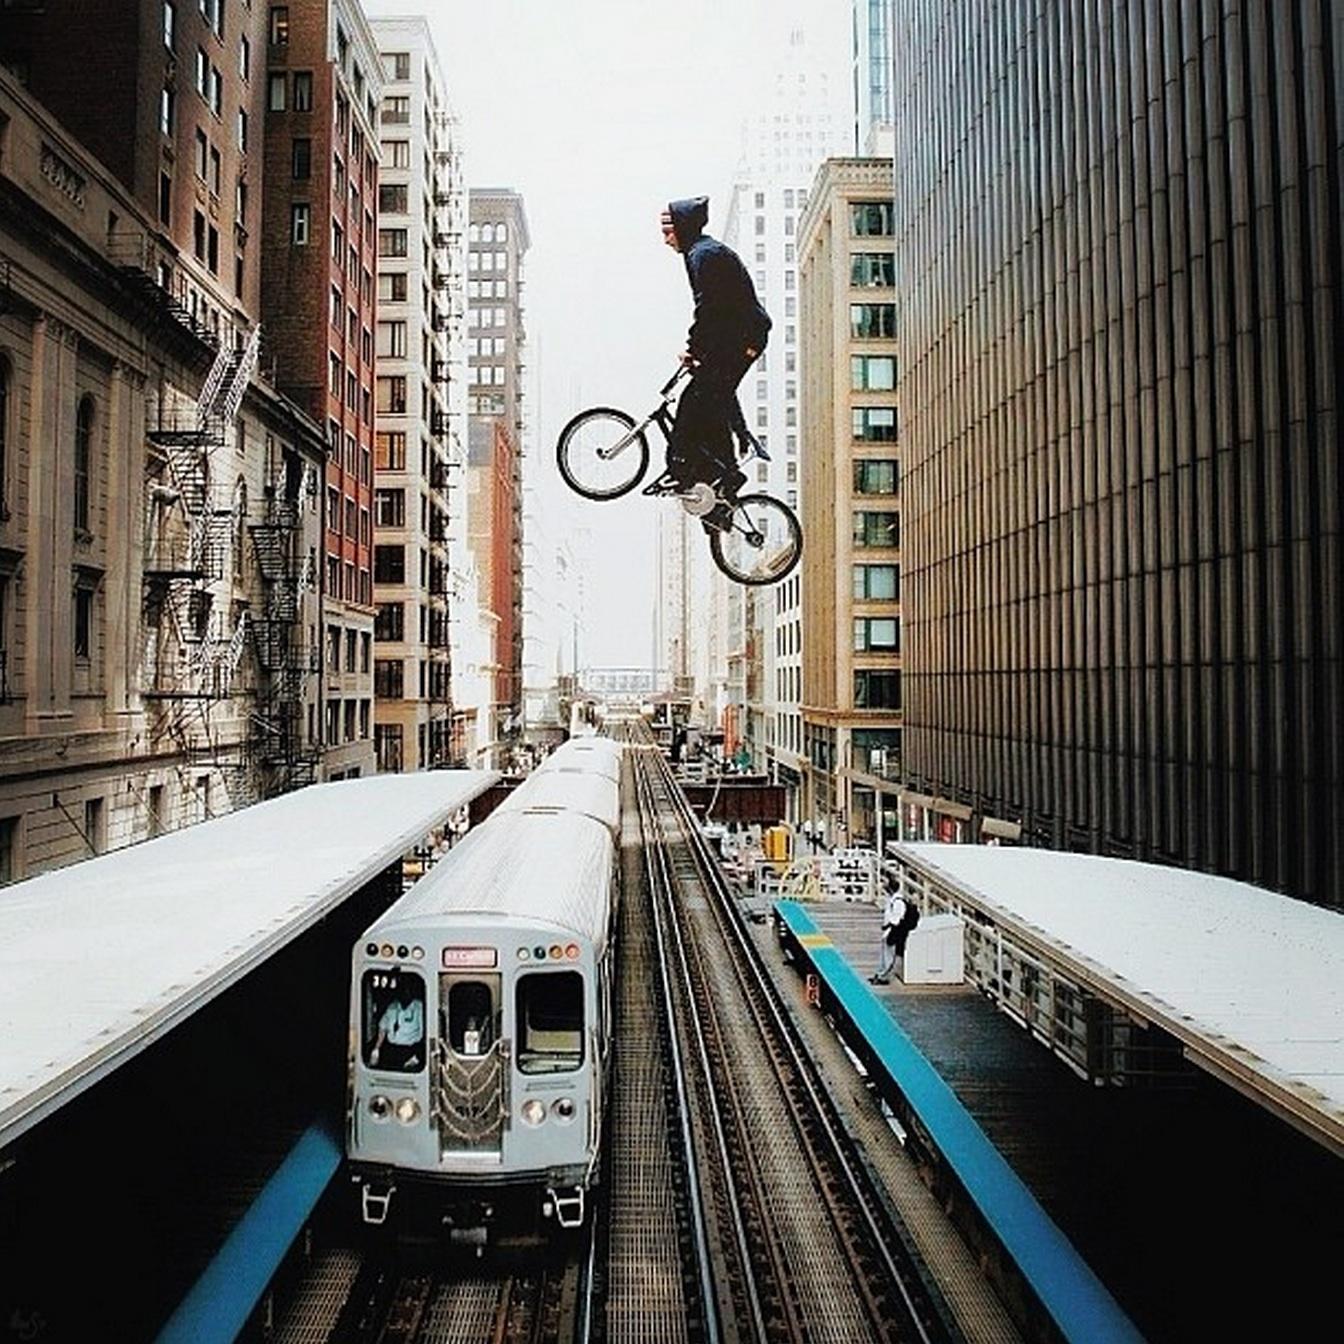 Platform to Platform